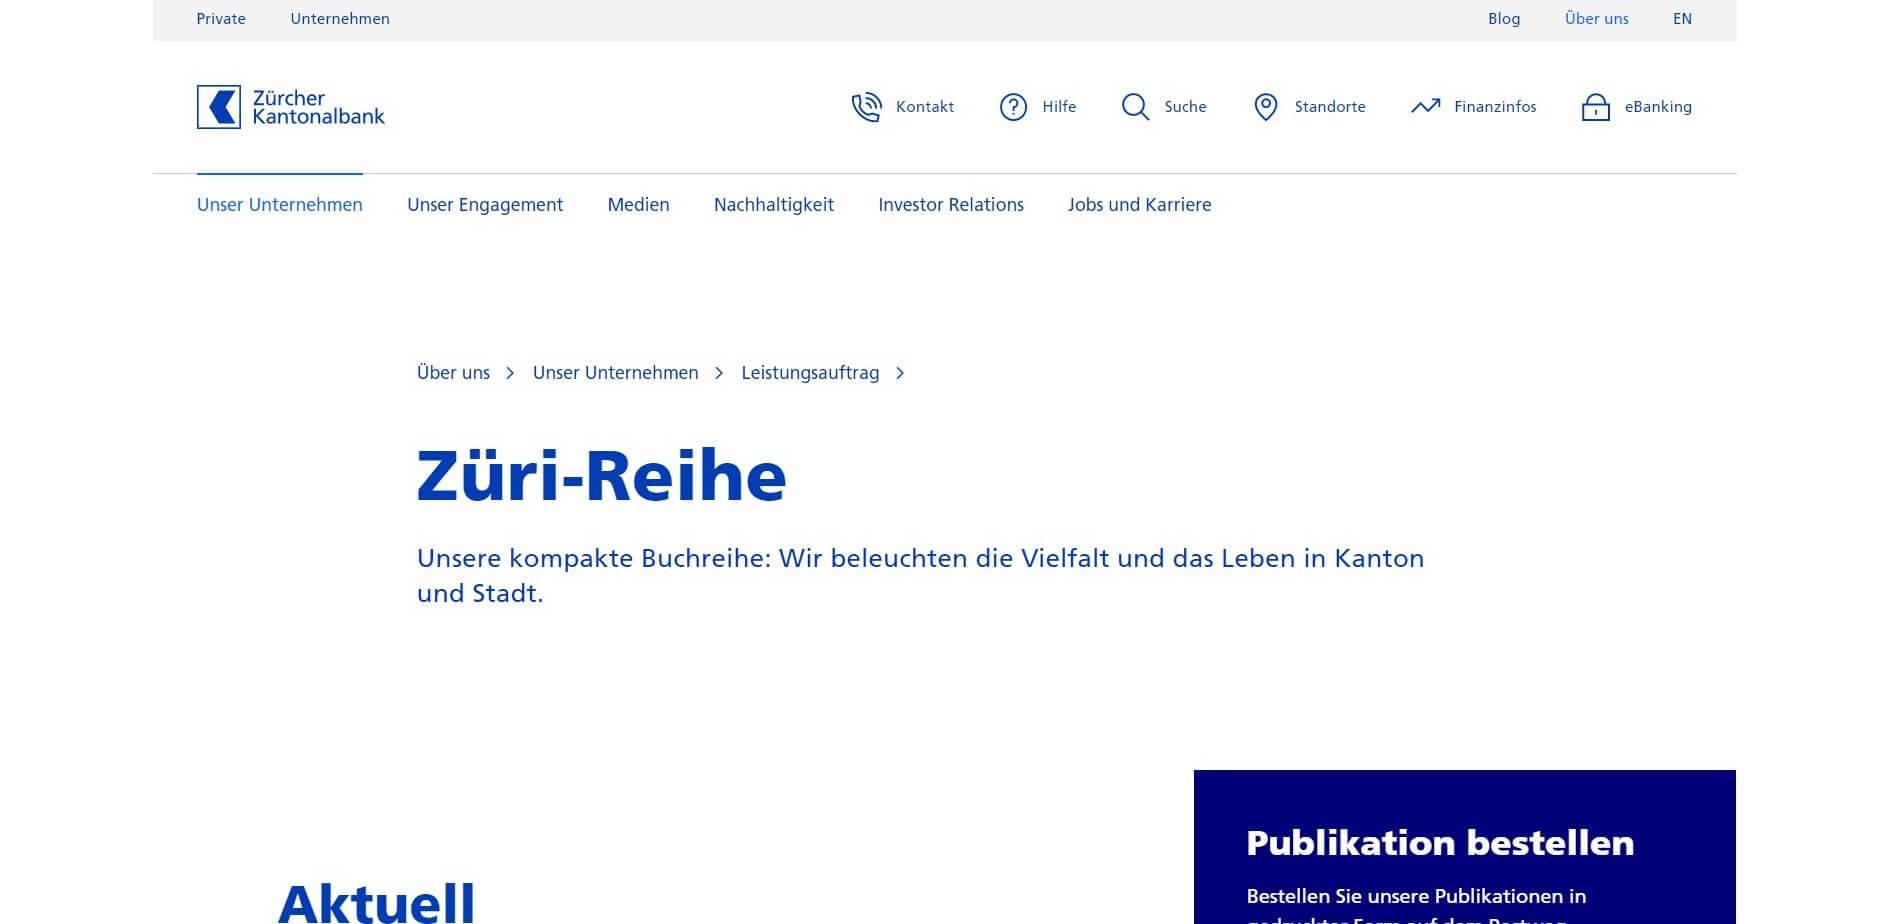 B2B-Content-Marketing-Zuericher-Kantonalbank